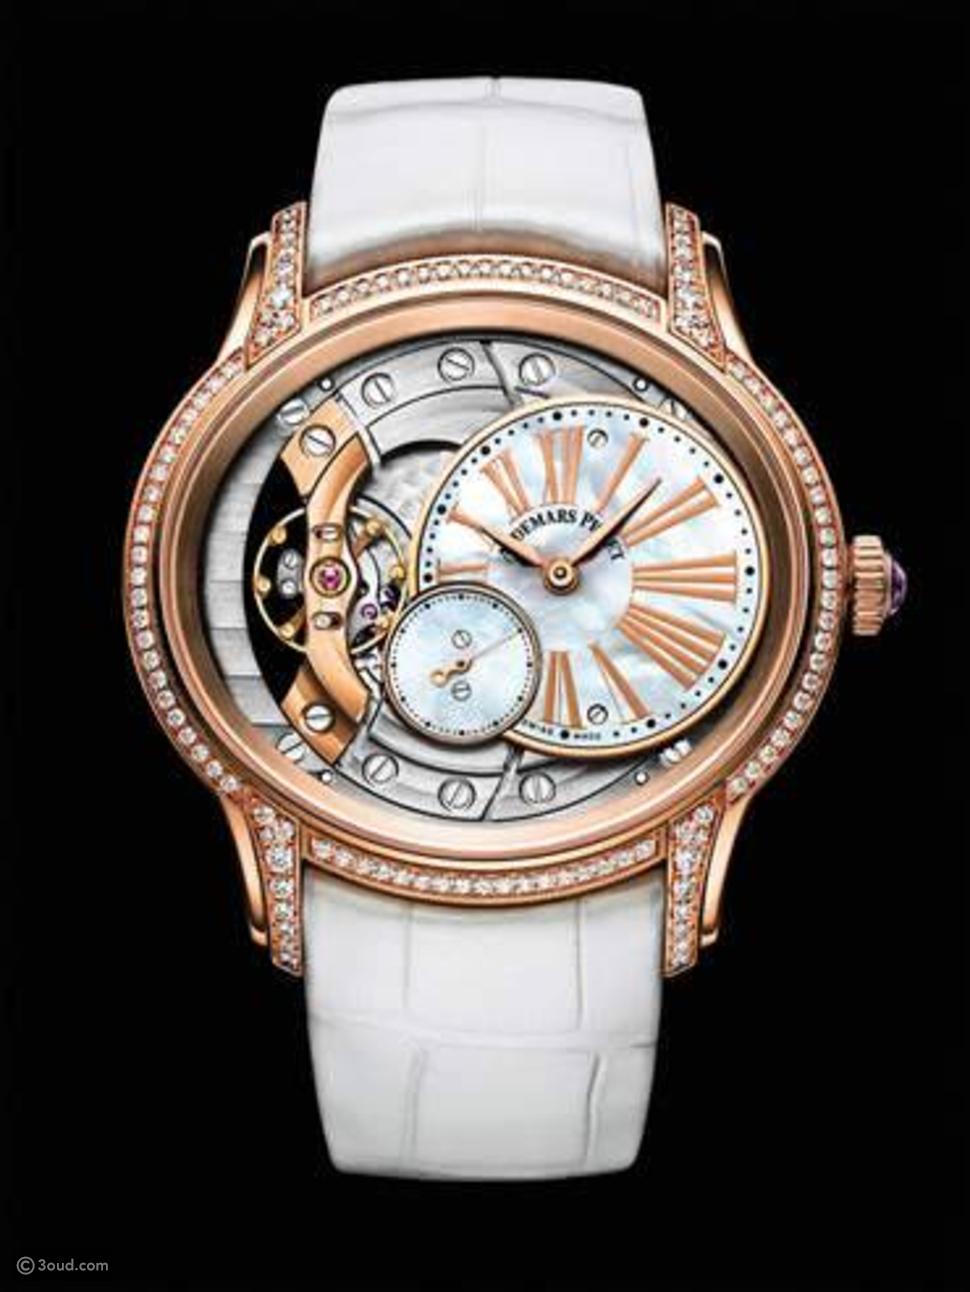 ساعة Millenary من دار ساعات Audemars Piguet